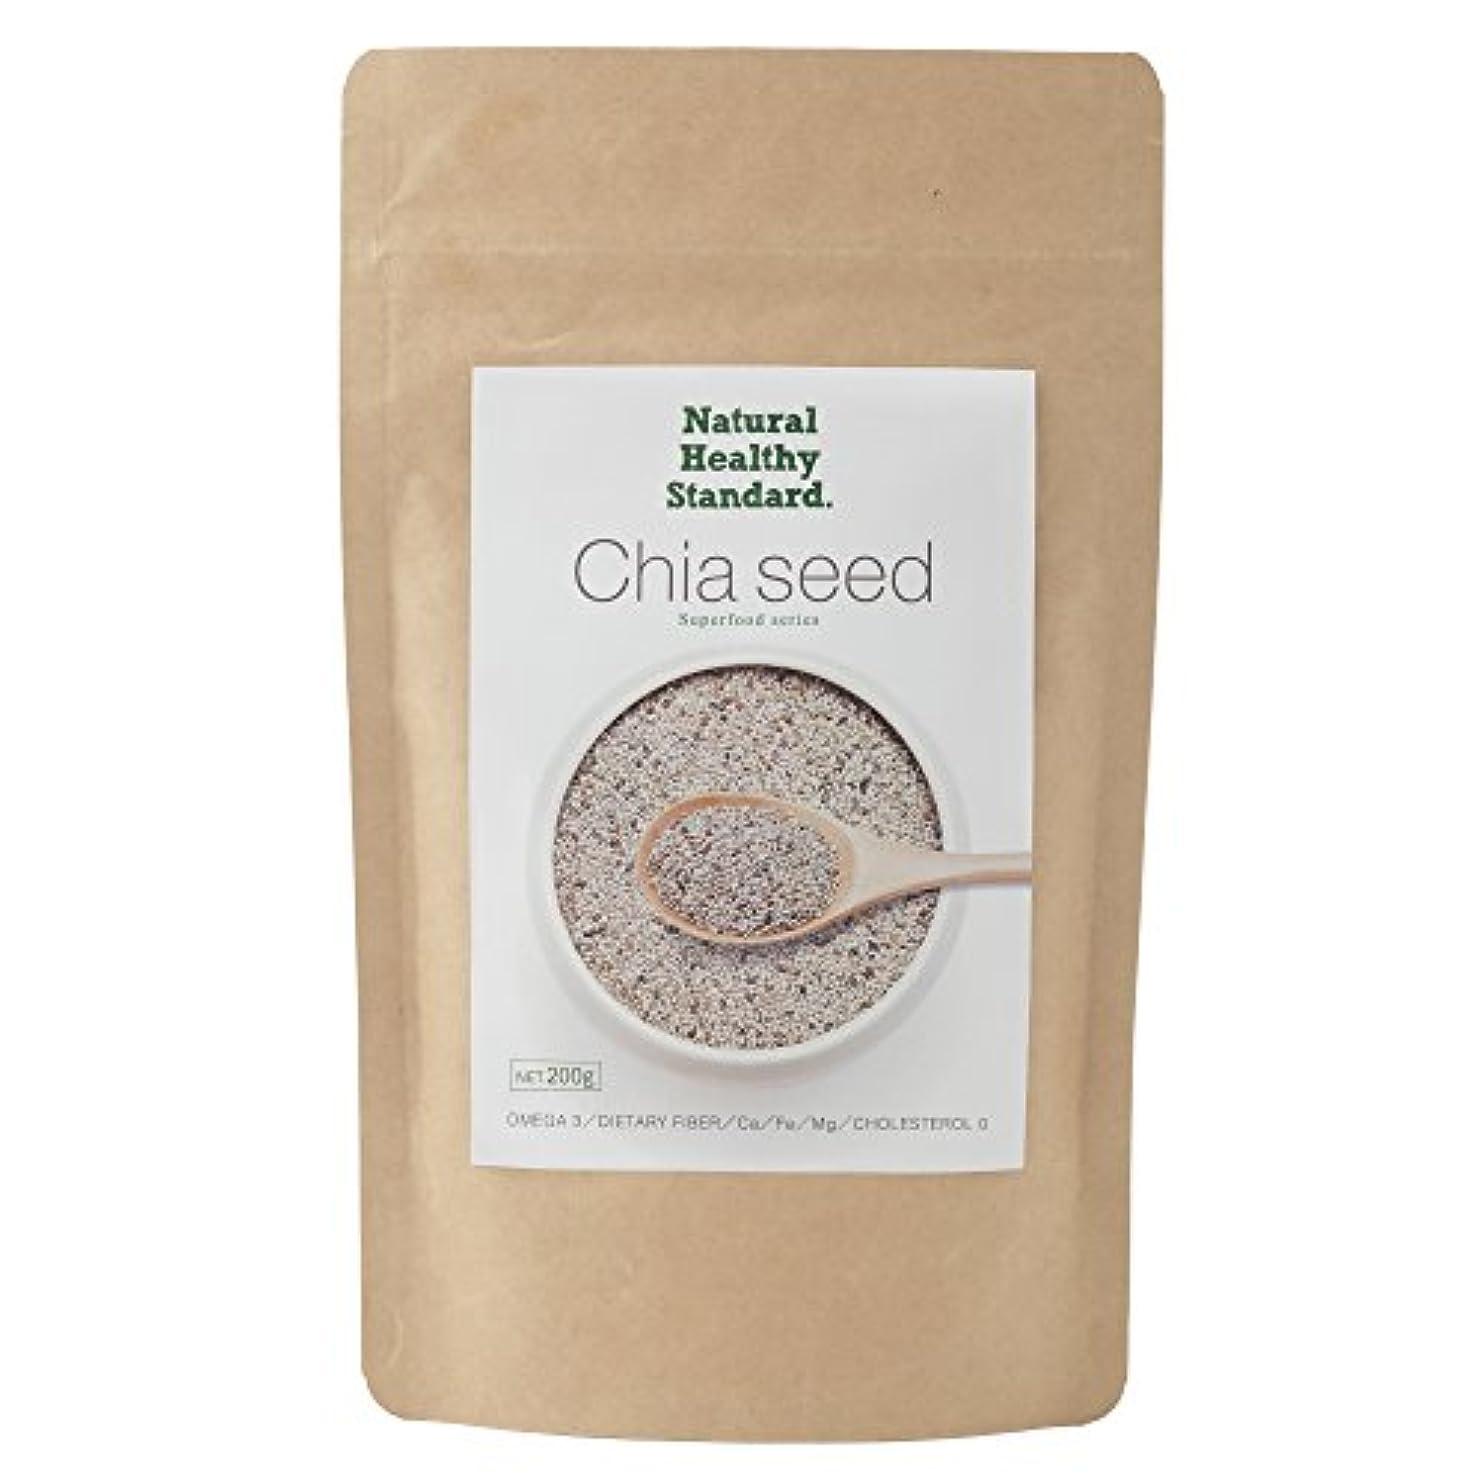 最後に爵率直なNatural Healthy Standard ホワイトチアシード 200g